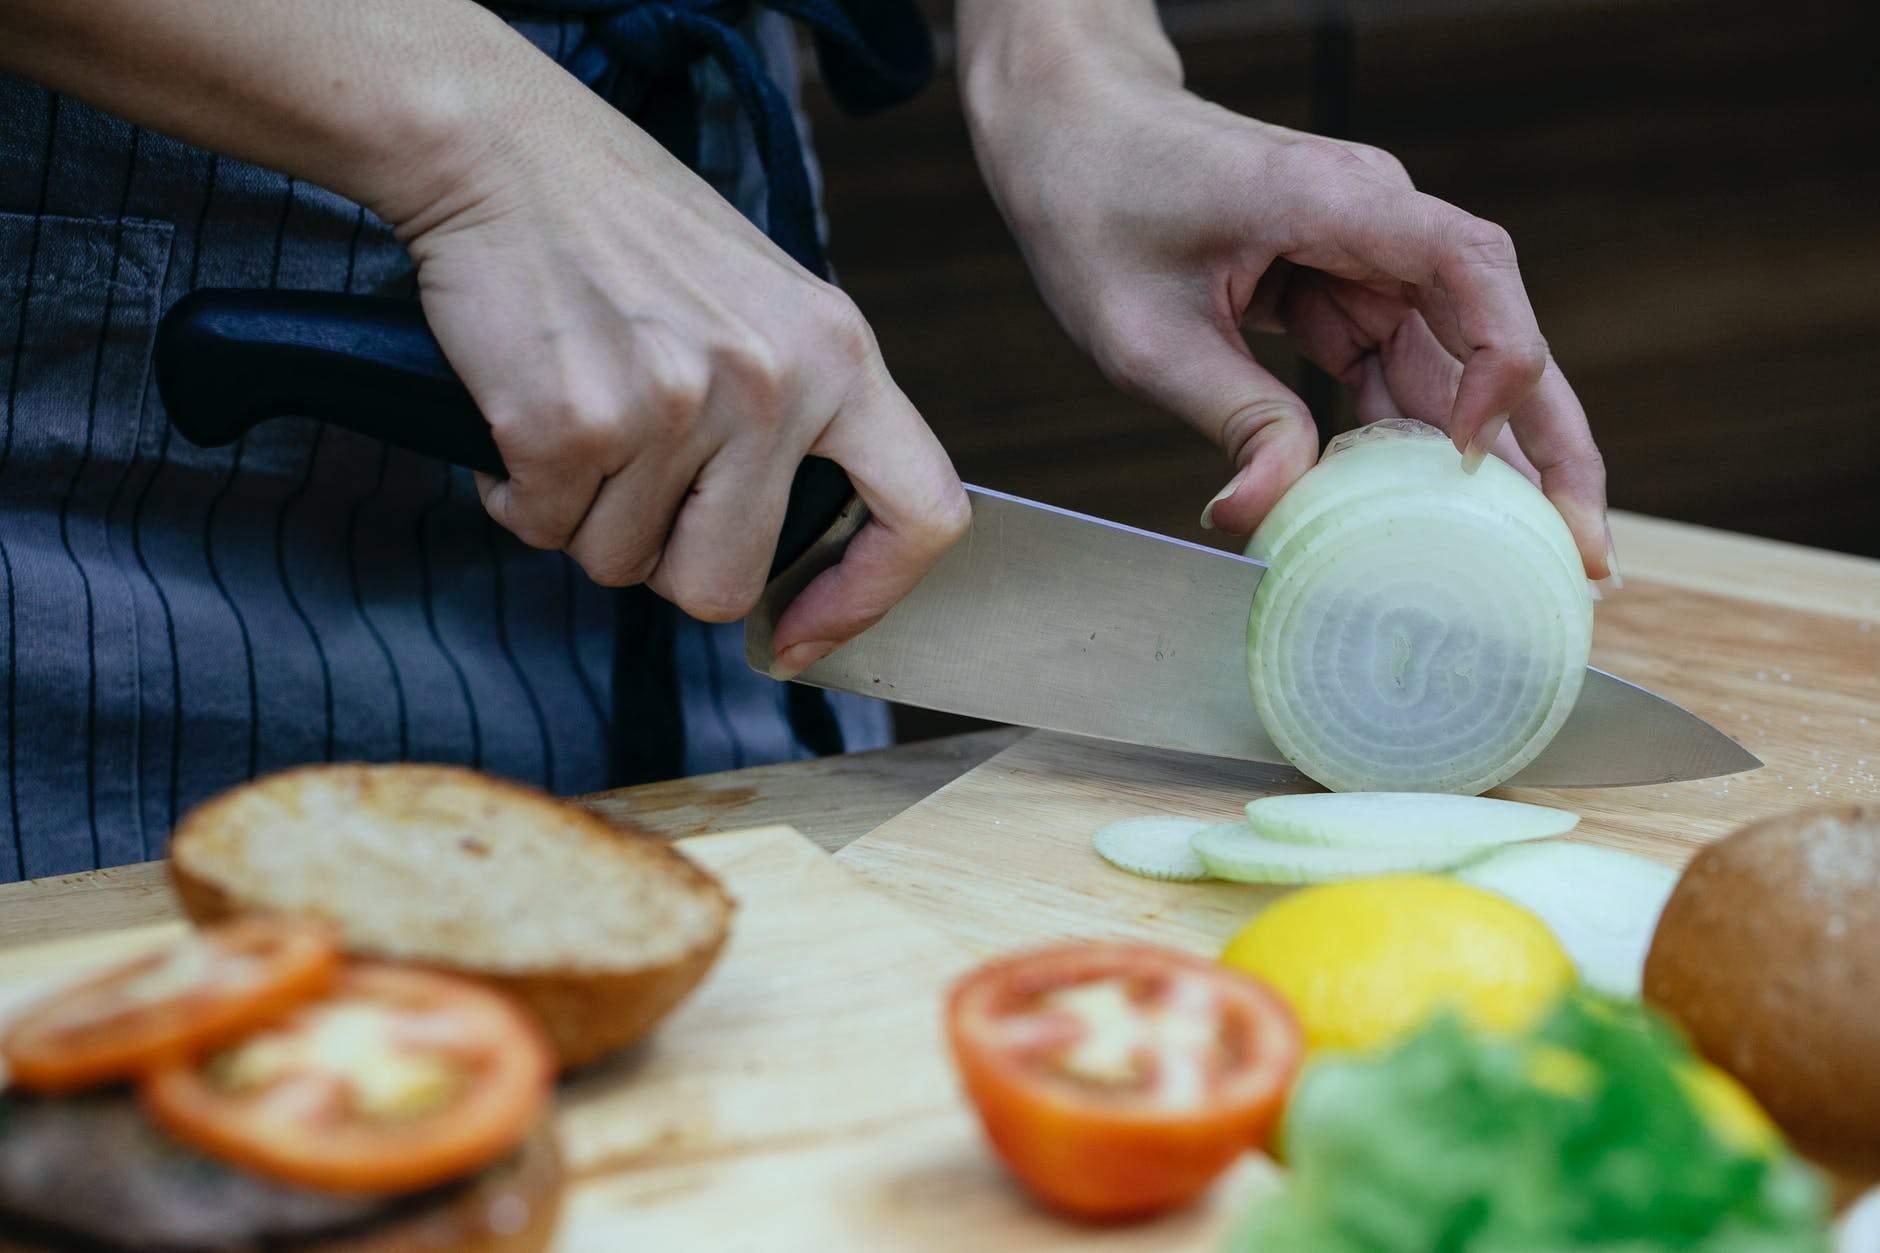 Замість напівфабрикатів, обирайте домашню їжу